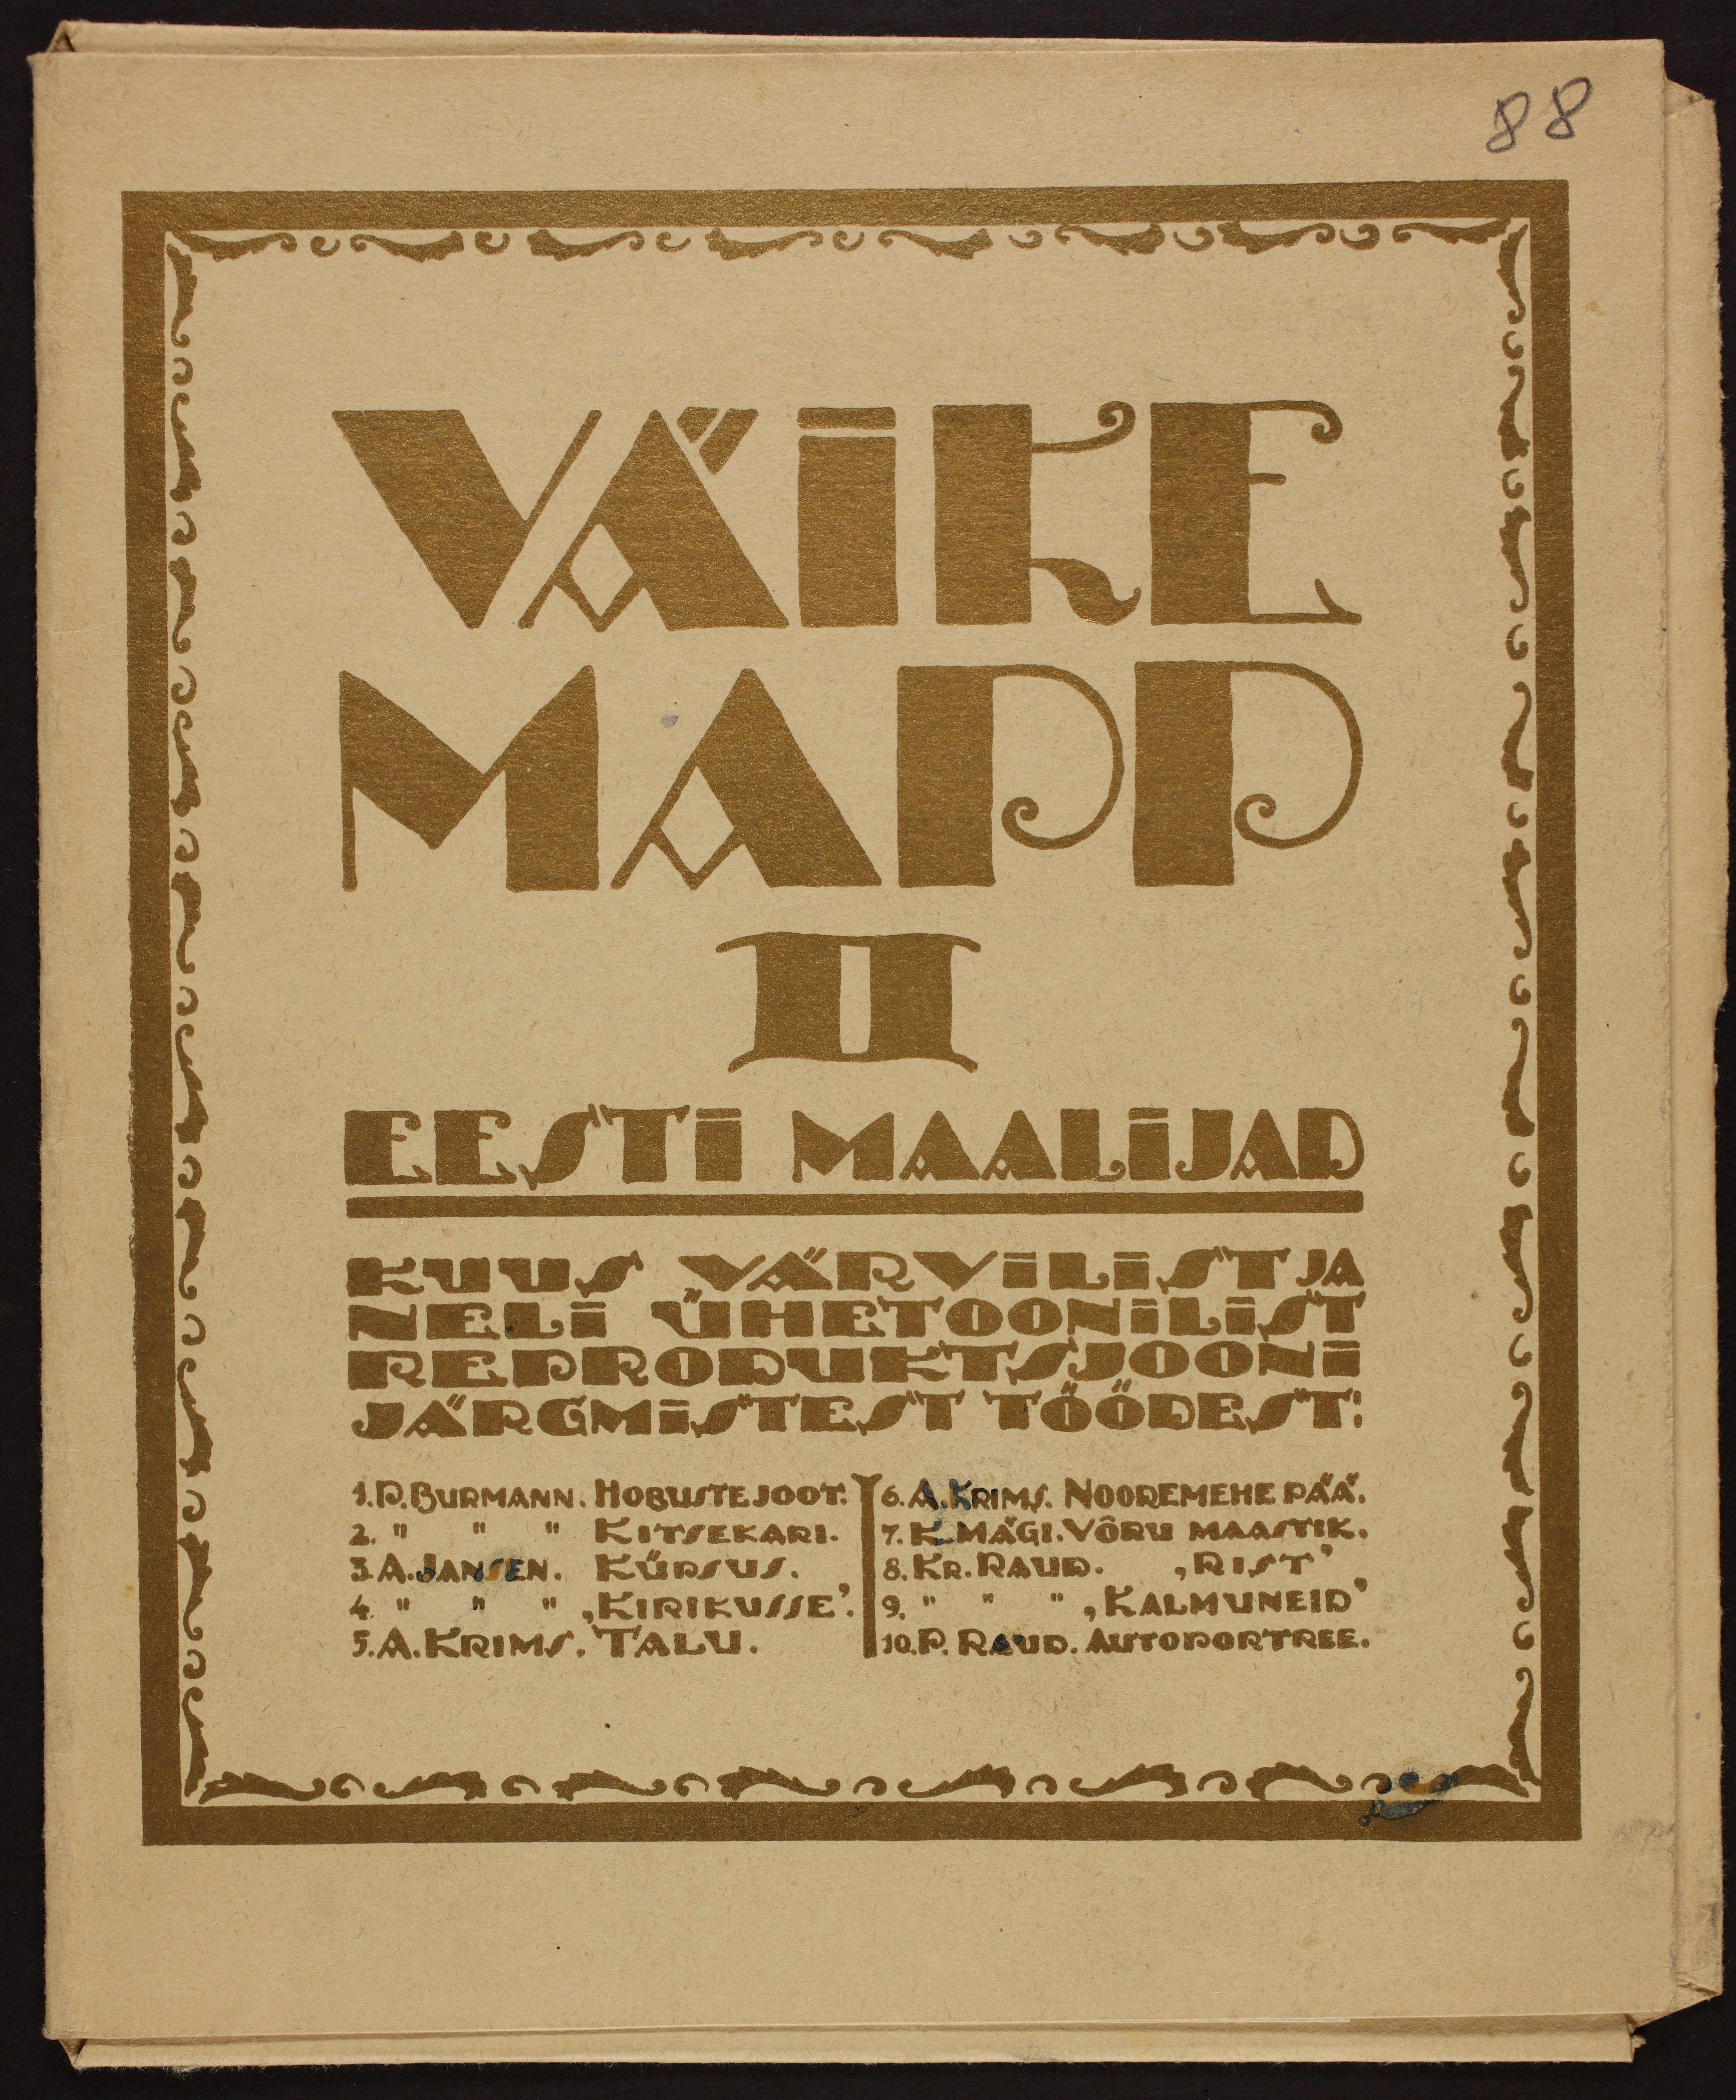 Väike mapp II, 1923. ERA.R-1903.1.23.88